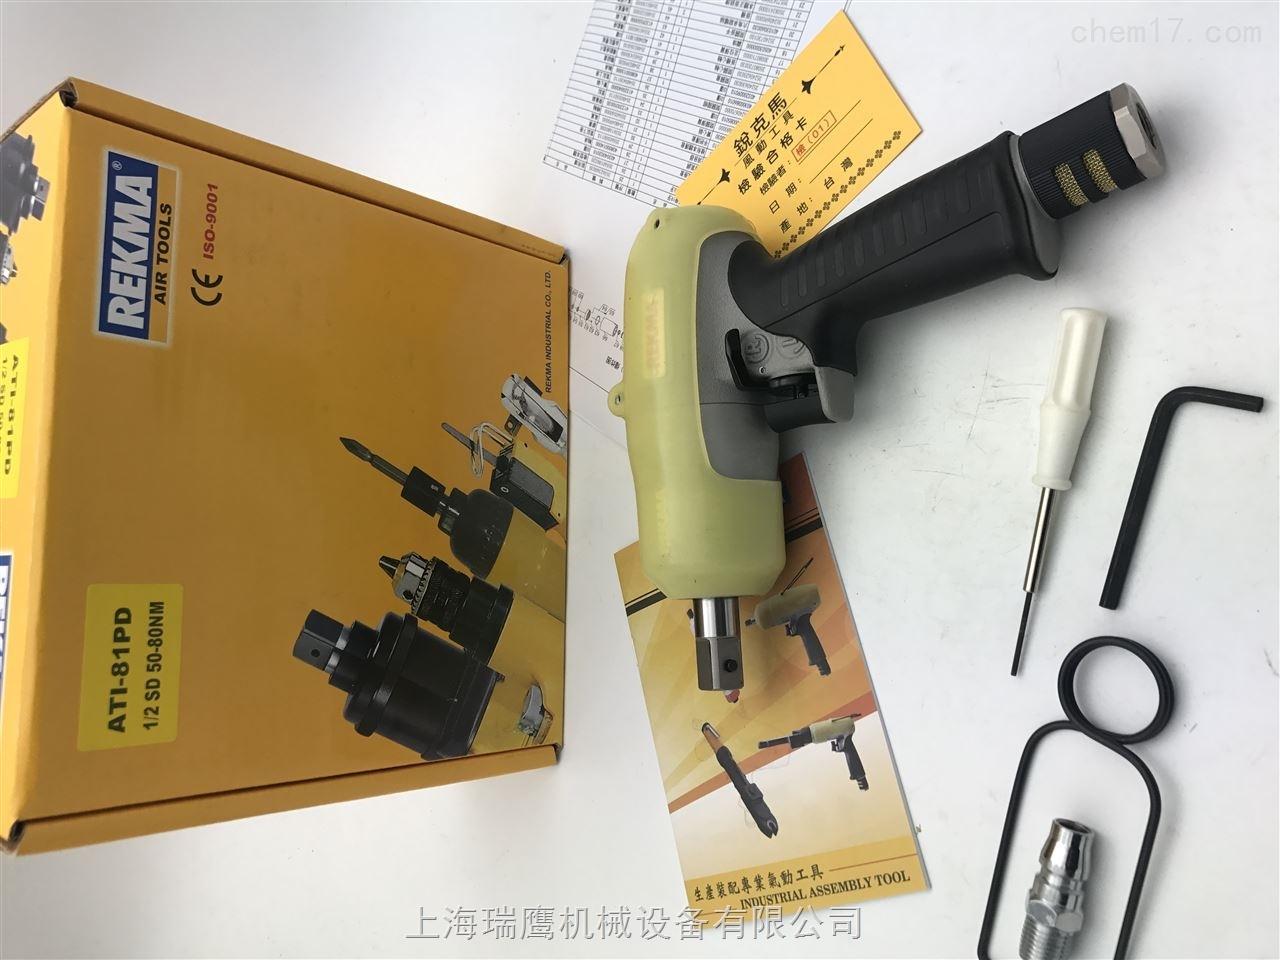 油压脉冲扳手ATI-81PD